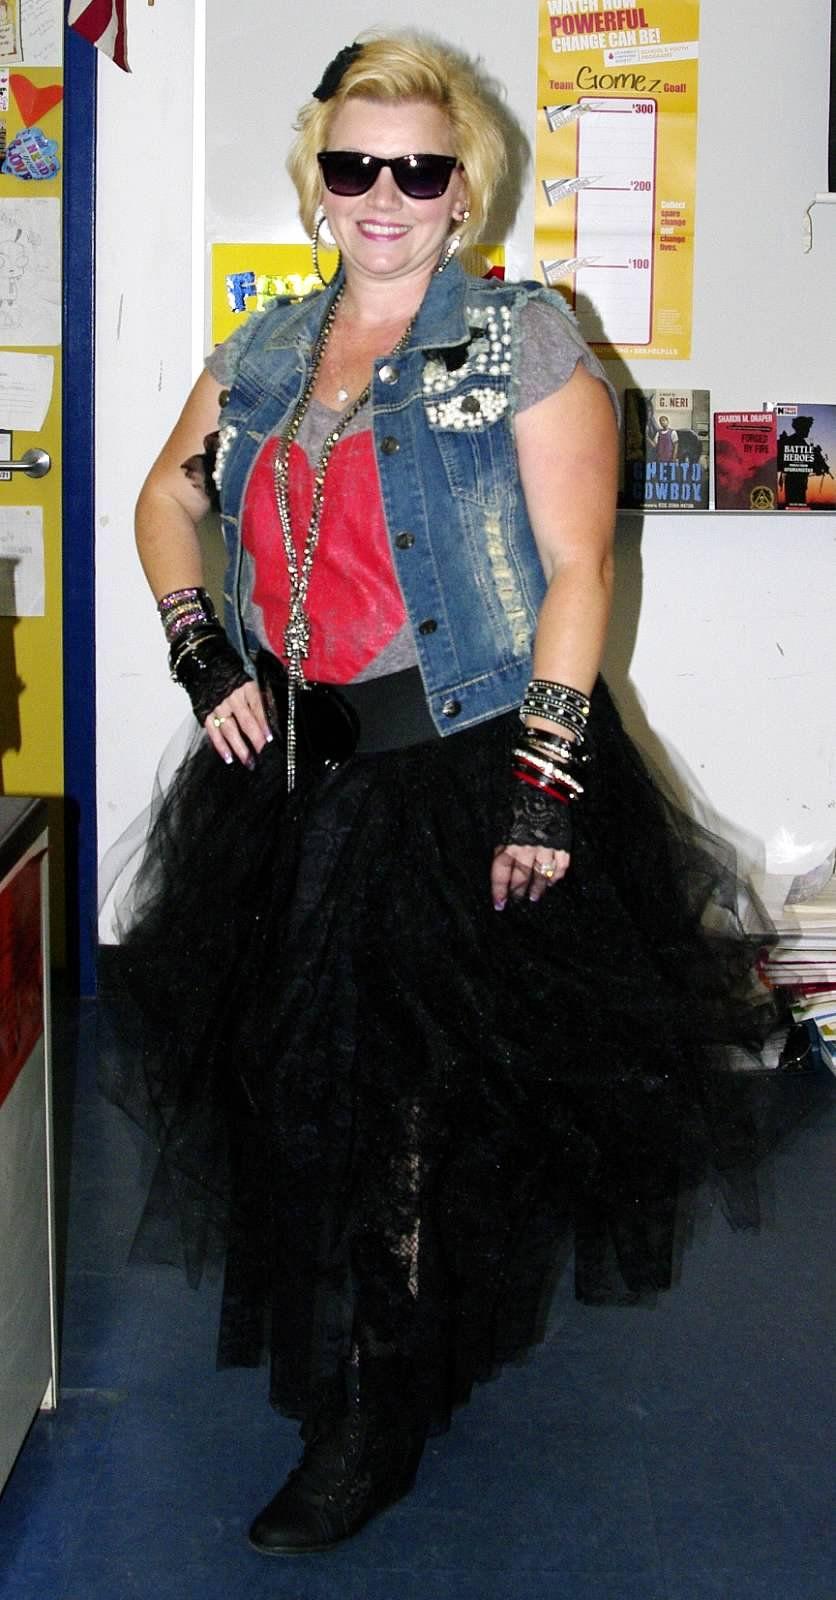 80 39 s madonna costume for spirit week costume diy. Black Bedroom Furniture Sets. Home Design Ideas